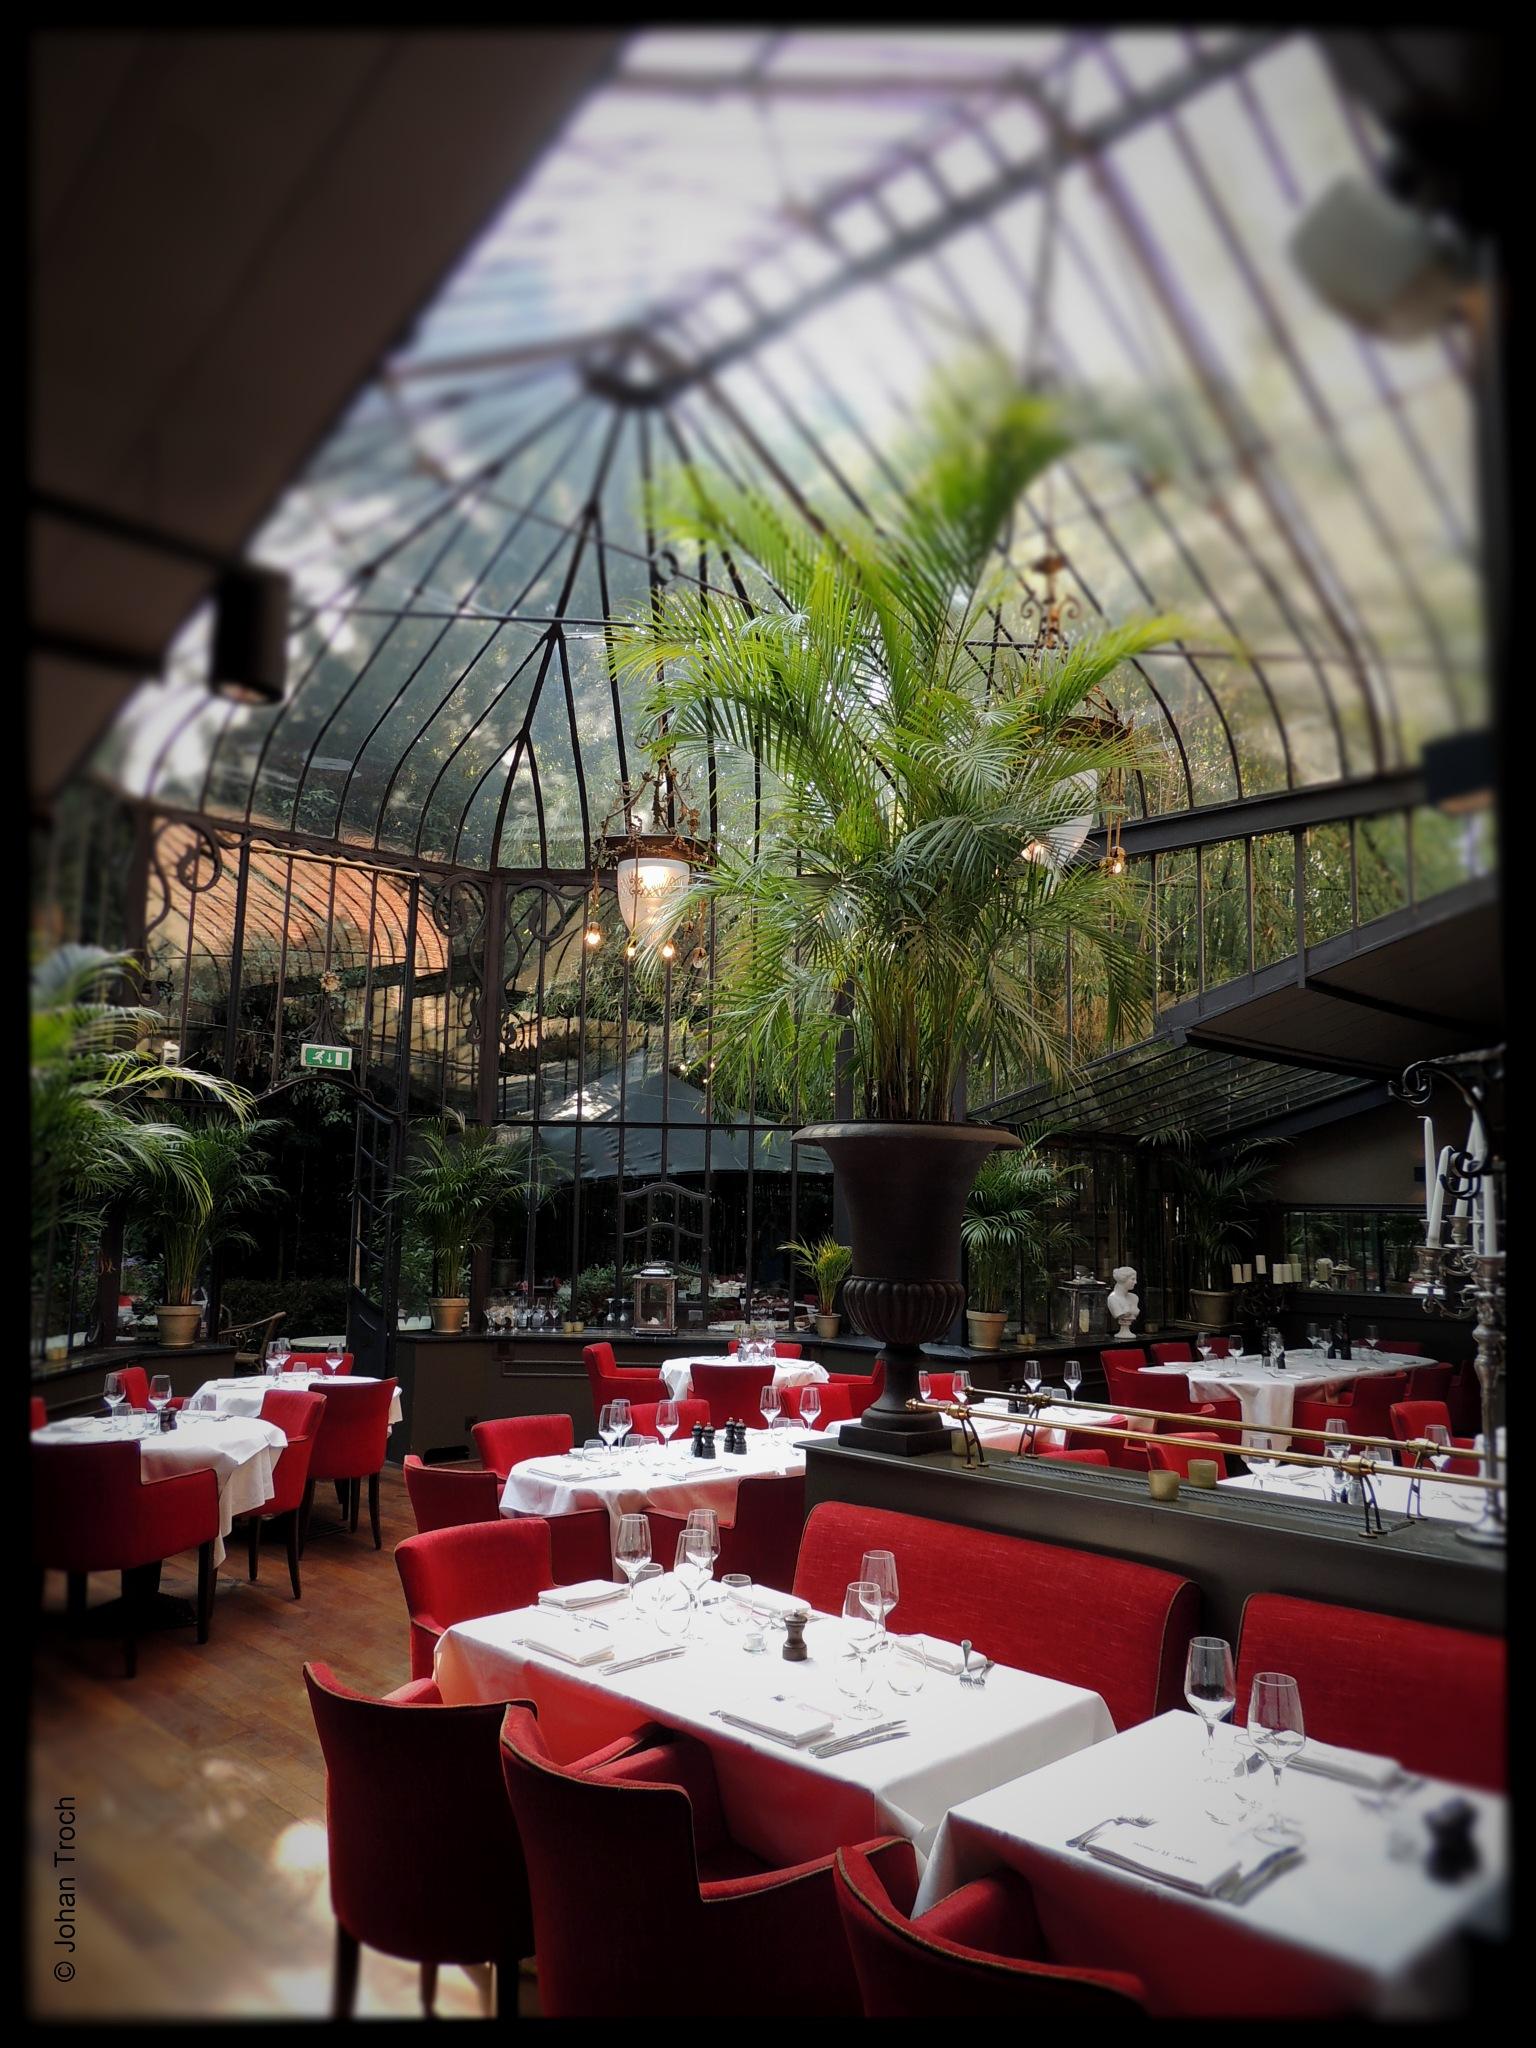 Danieli il Divino | gran caffe - ristorante Italiano by JohanTroch